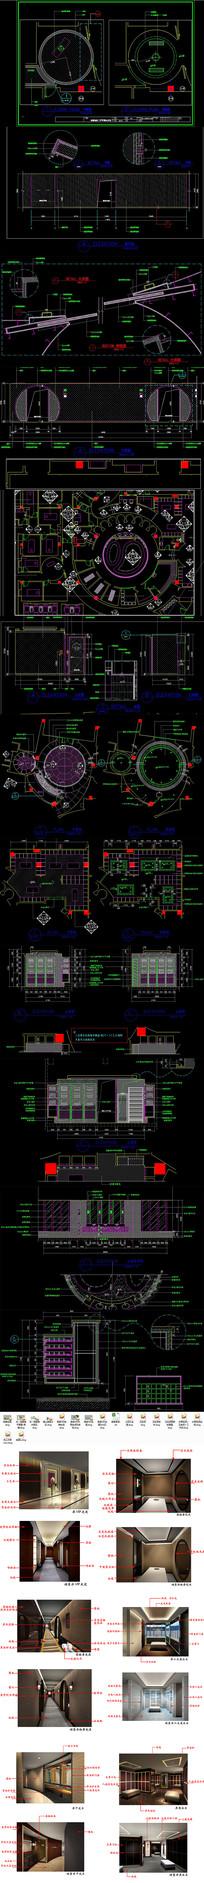 休闲中心桑拿会所整套CAD施工图